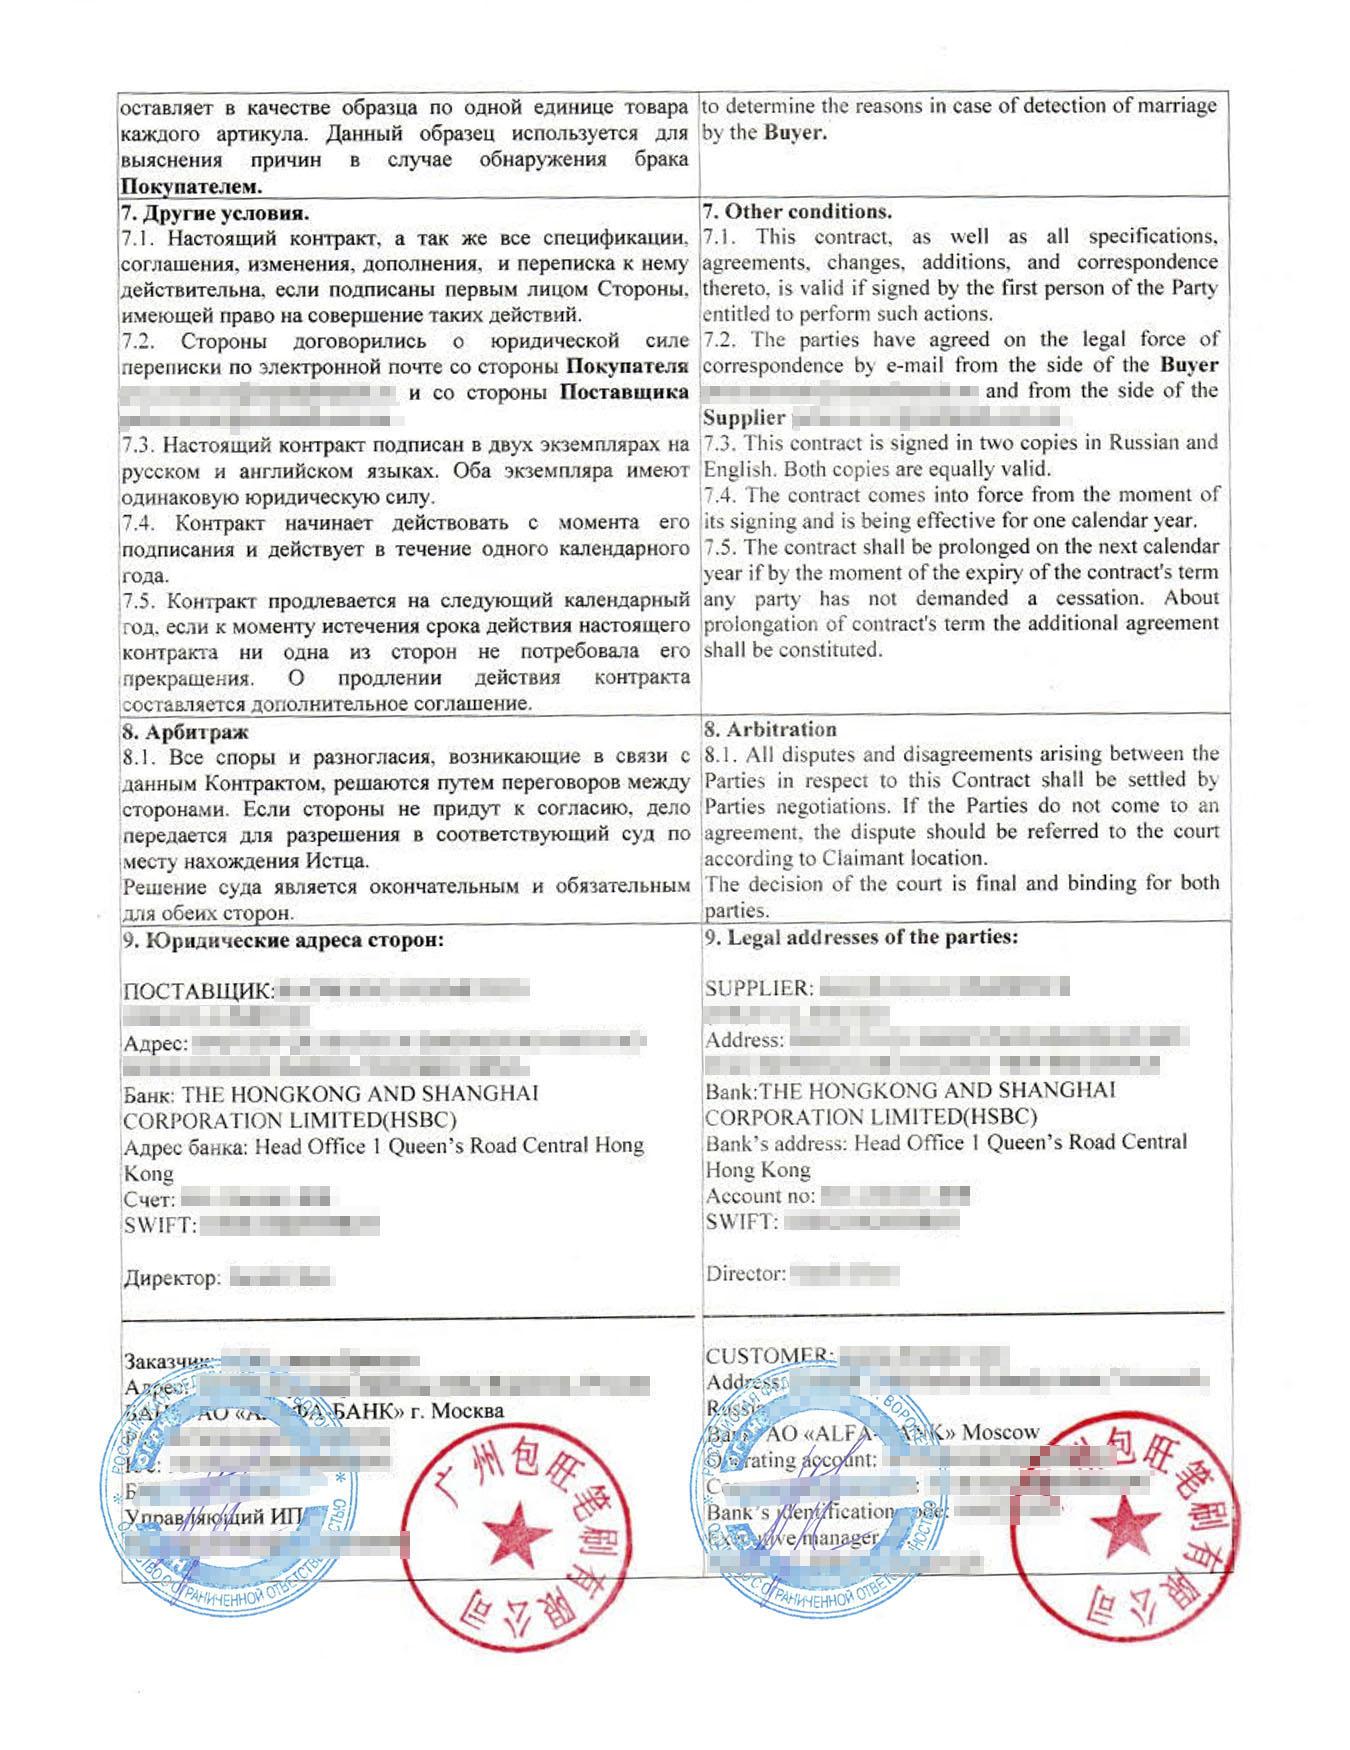 Внешнеторговой контракт по формулировкам похож на внутрироссийский договор поставки. Еслибы не печати с иероглифами и не текст на английском, то можно былобы перепутать